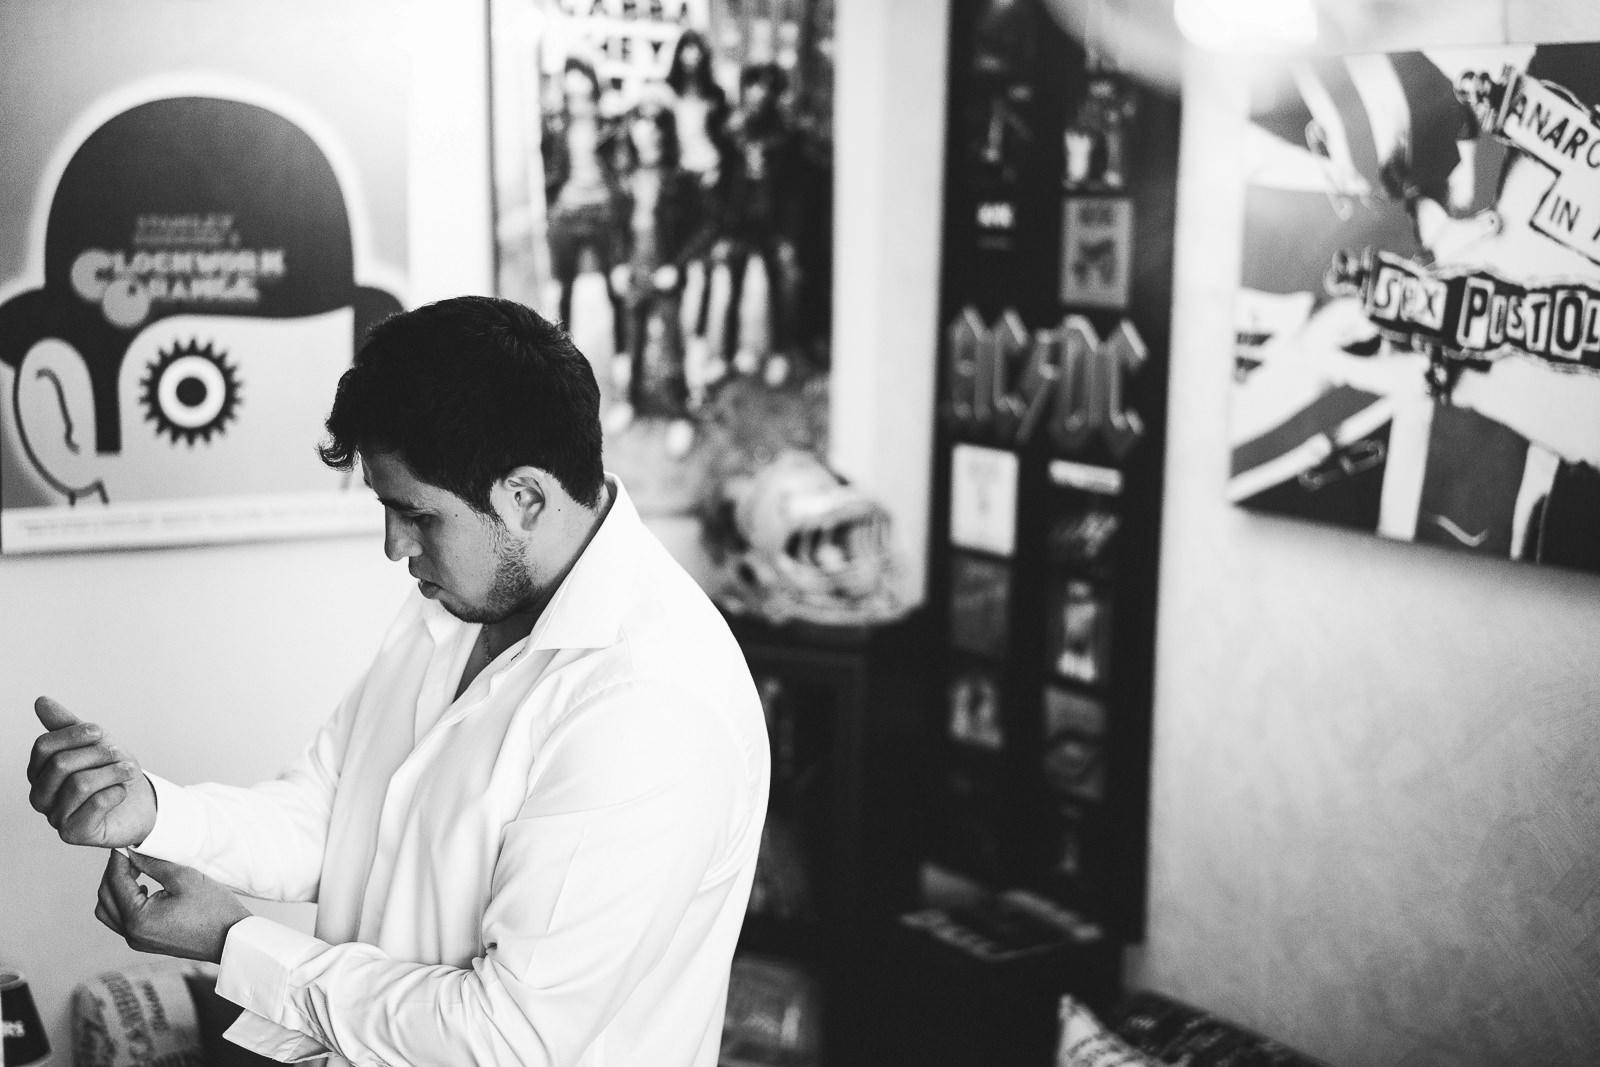 fotografo_de_bodas_mexico_cuernavaca_puebla_sergio_quezada_cdmx_h+l_7